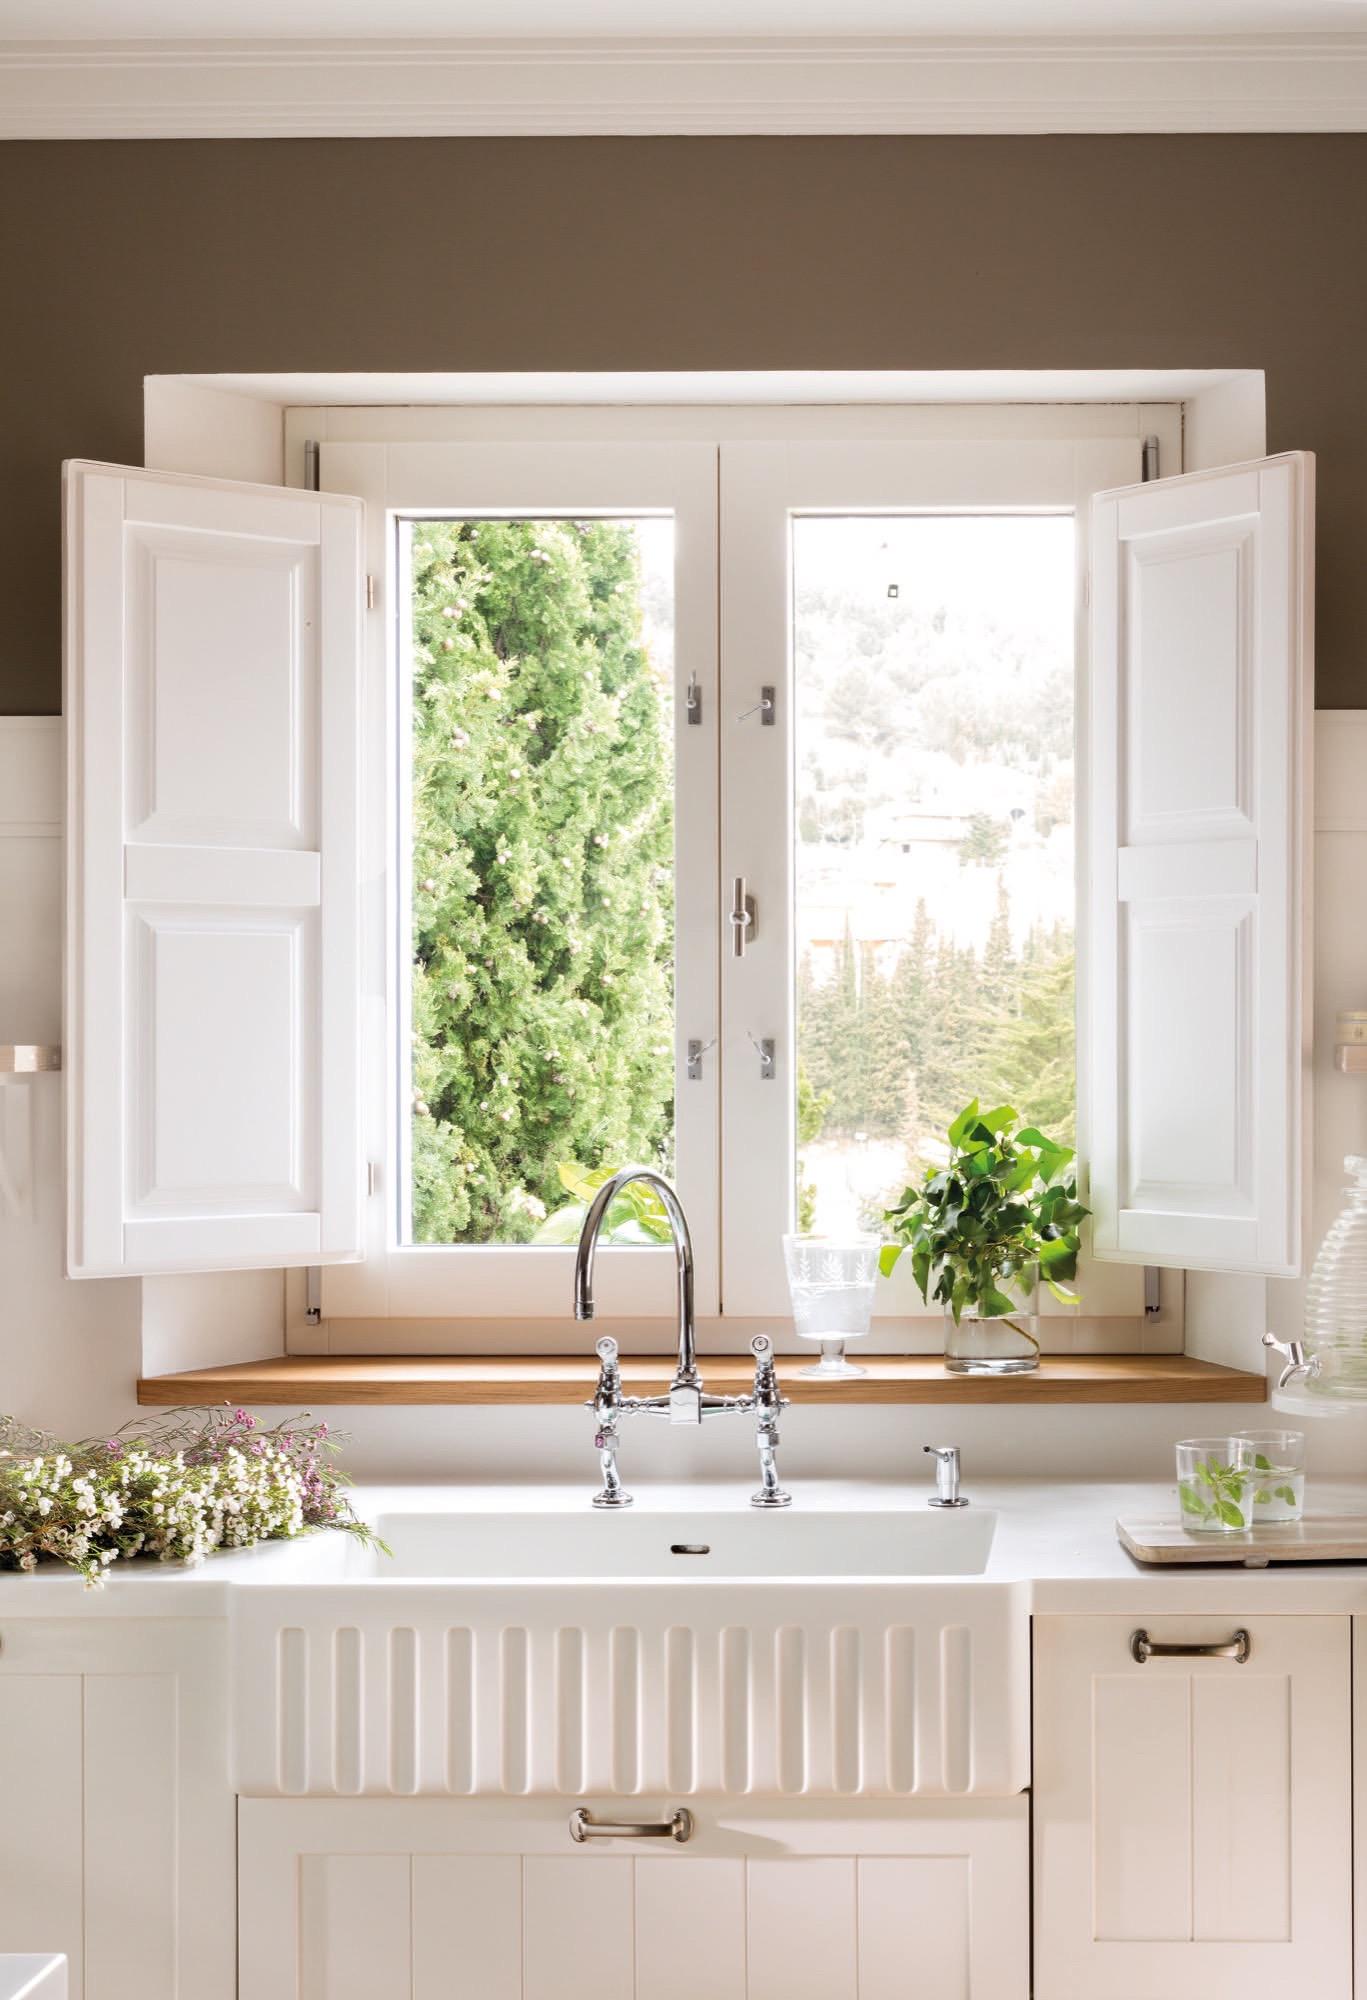 fregadero y encimera en una cocina junto a la ventana